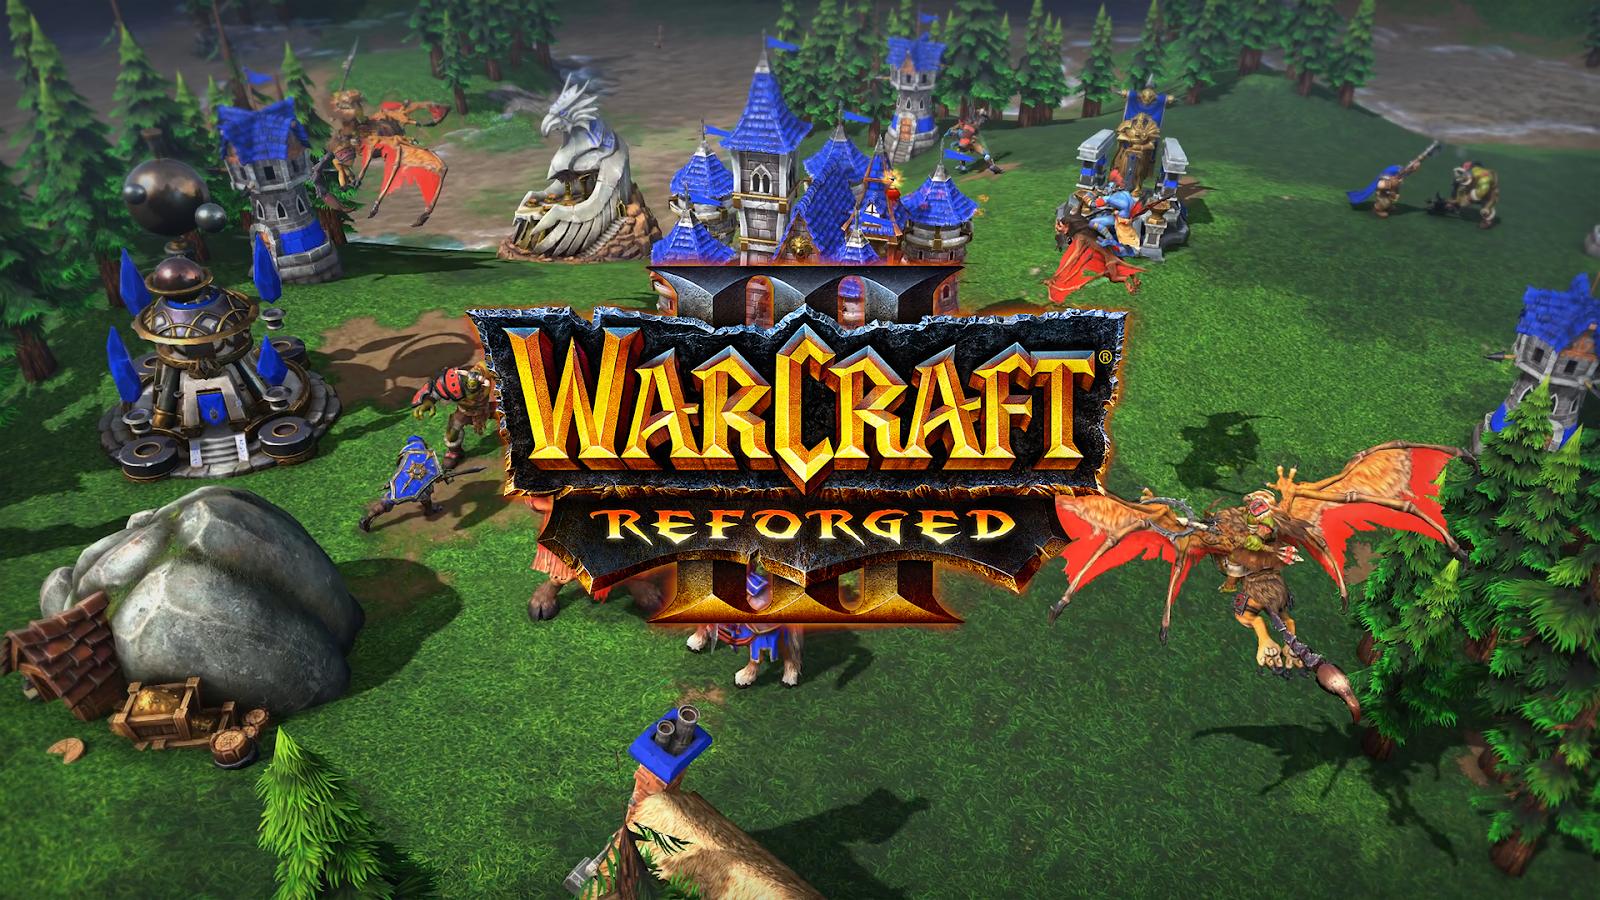 Blizzard cuống cuồng xin lỗi game thủ, hứa sẽ sửa chữa Warcraft 3: Reforged nhanh nhất có thể - Ảnh 2.